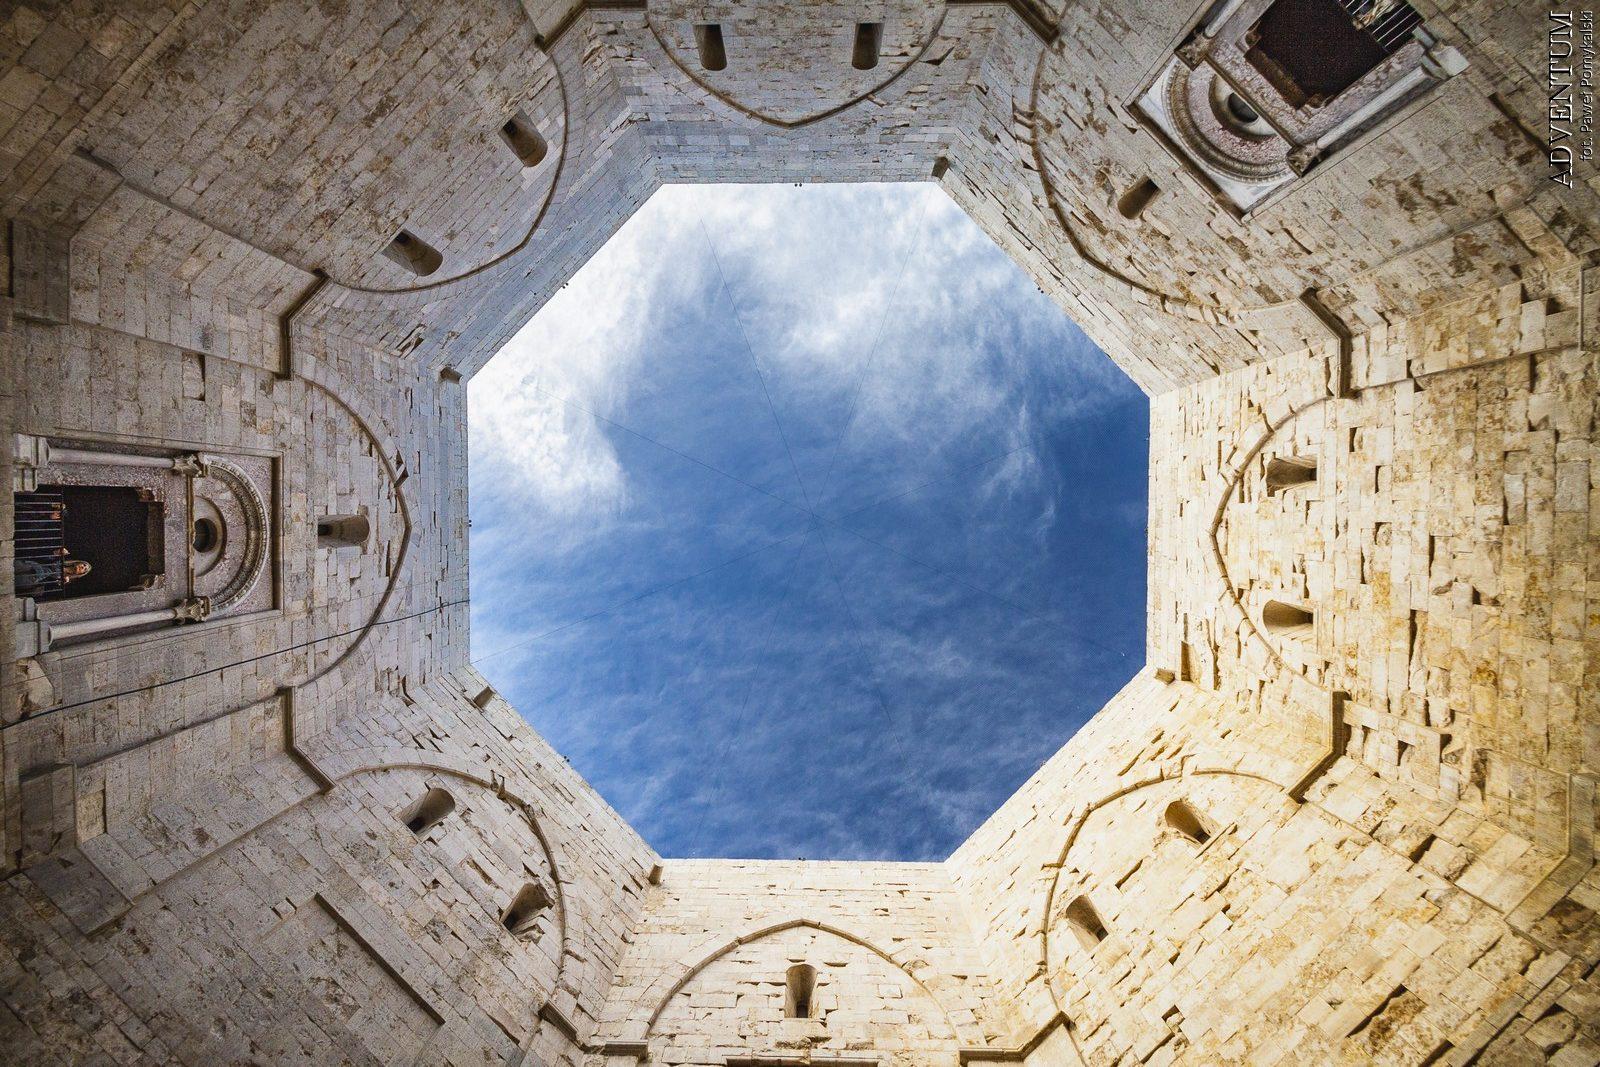 Apulia atrakcja zwiedzniae wycieczki pomysły Bari